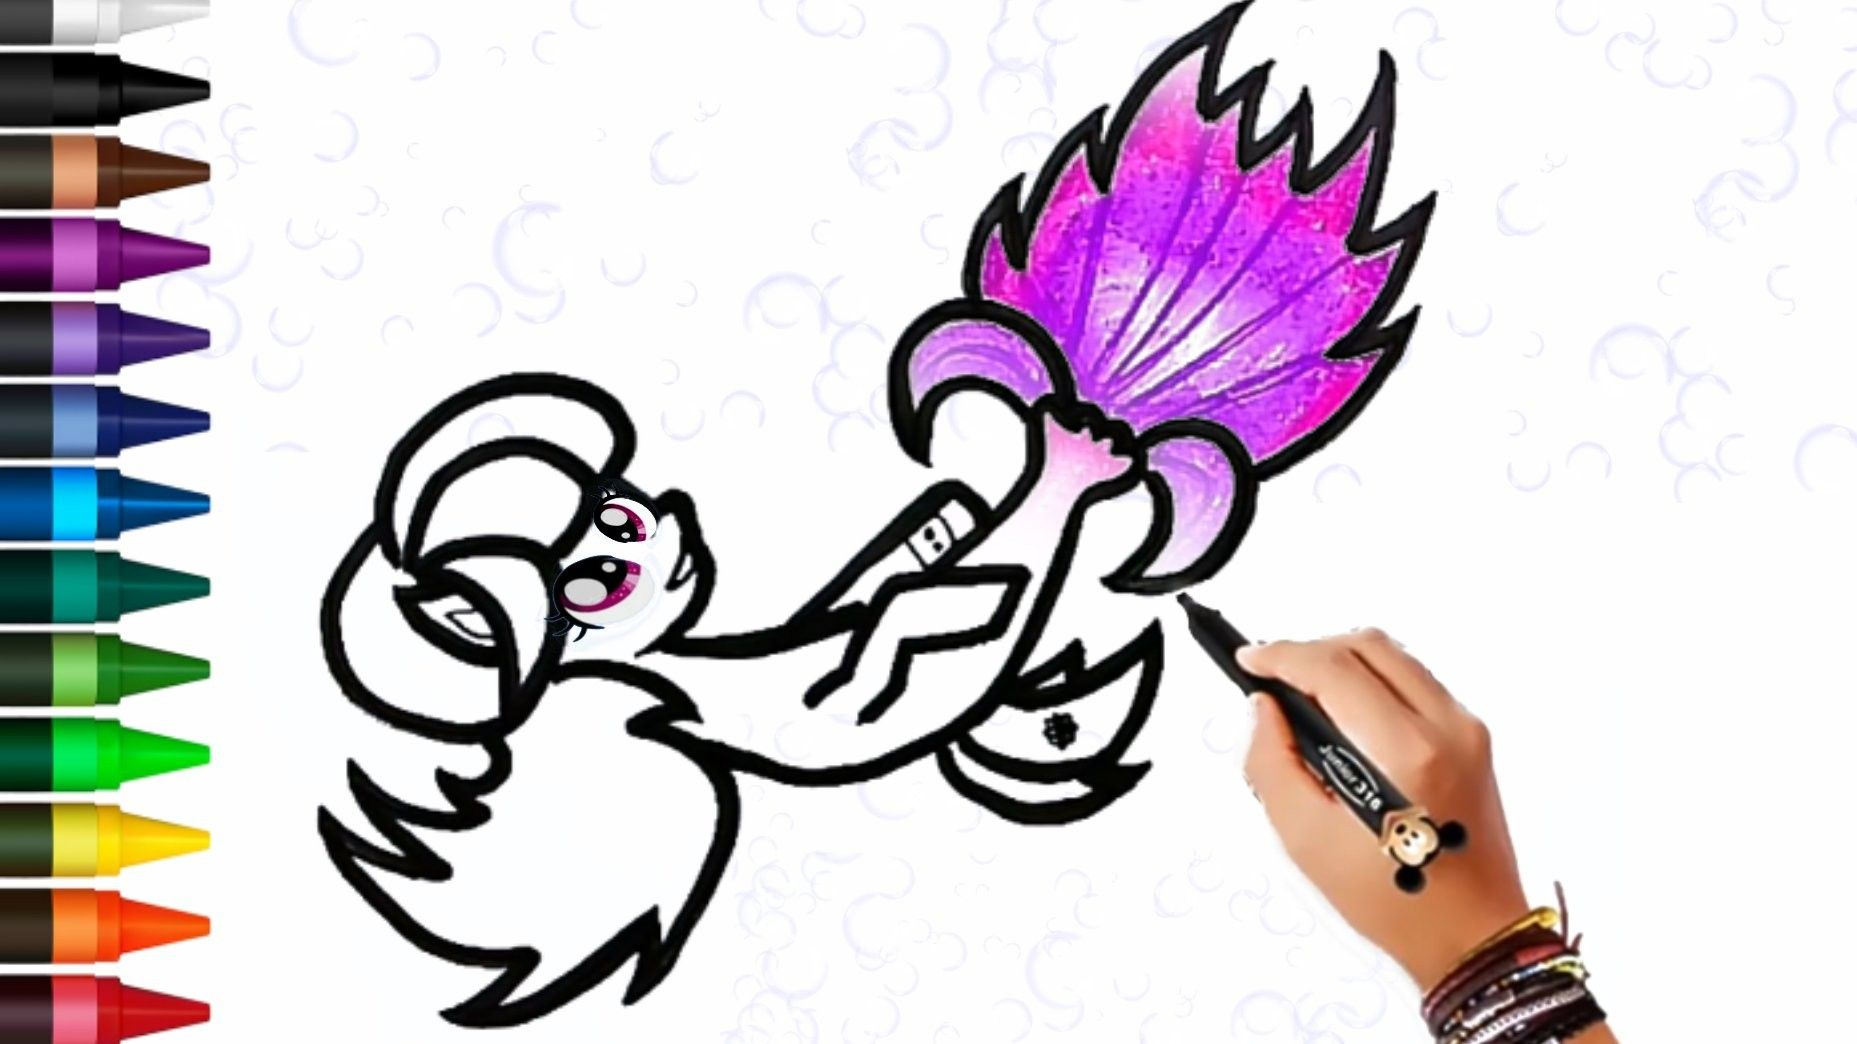 Menggambar Dan Mewarnai My Little Pony Kuda Poni My Little Pony Gambar Cara Menggambar